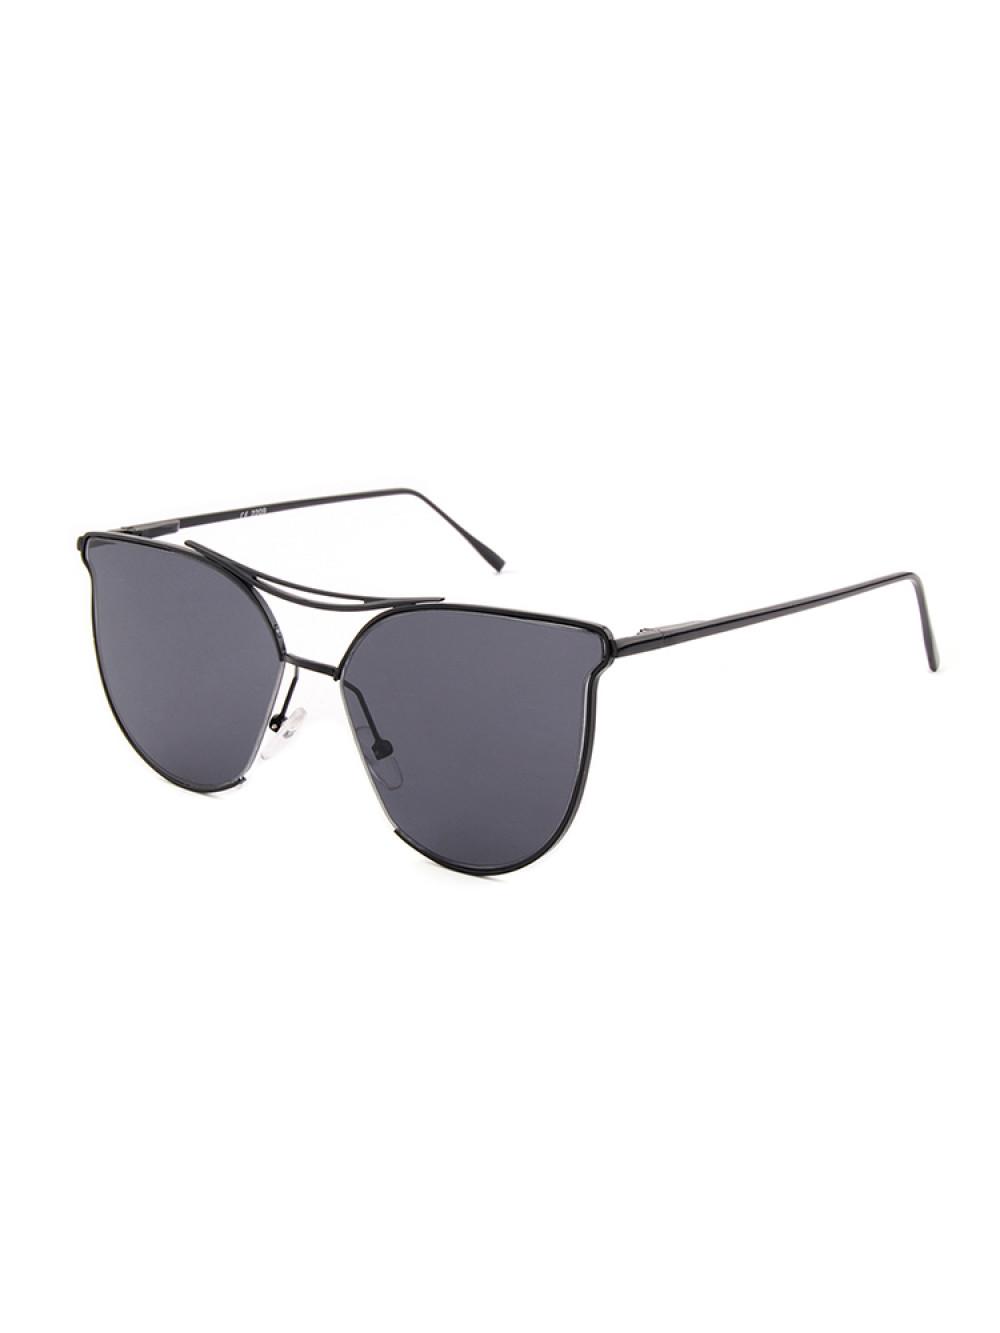 Slnečné okuliare Aviator Lady Black dámske čierne sklá čierny rám d965b27cc25